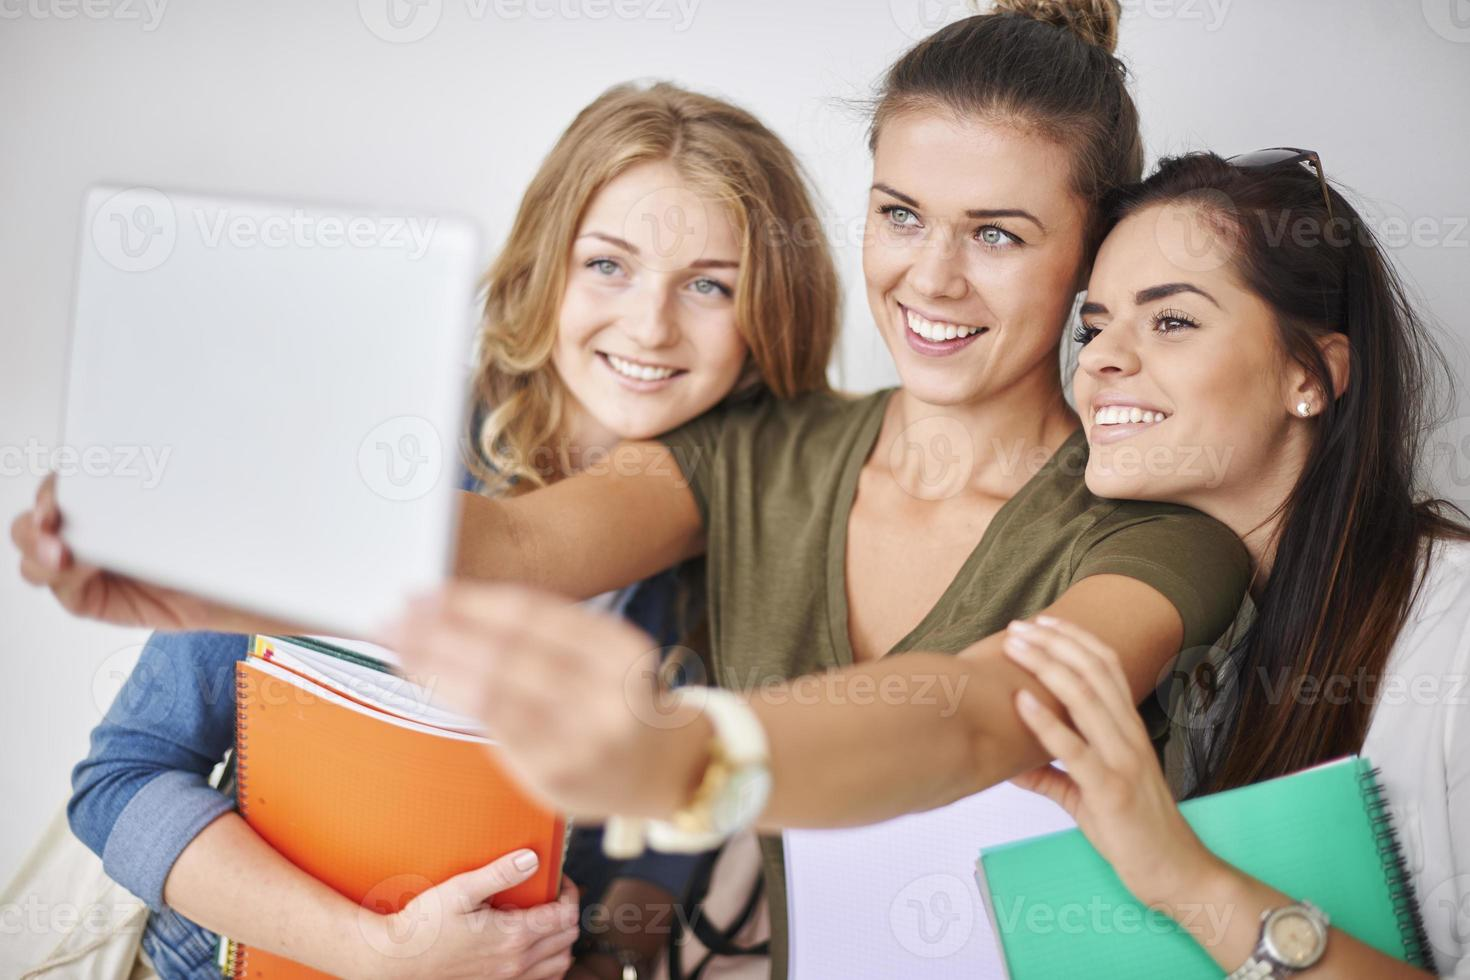 Selfie-Zeit mit Freunden auf dem Campus foto